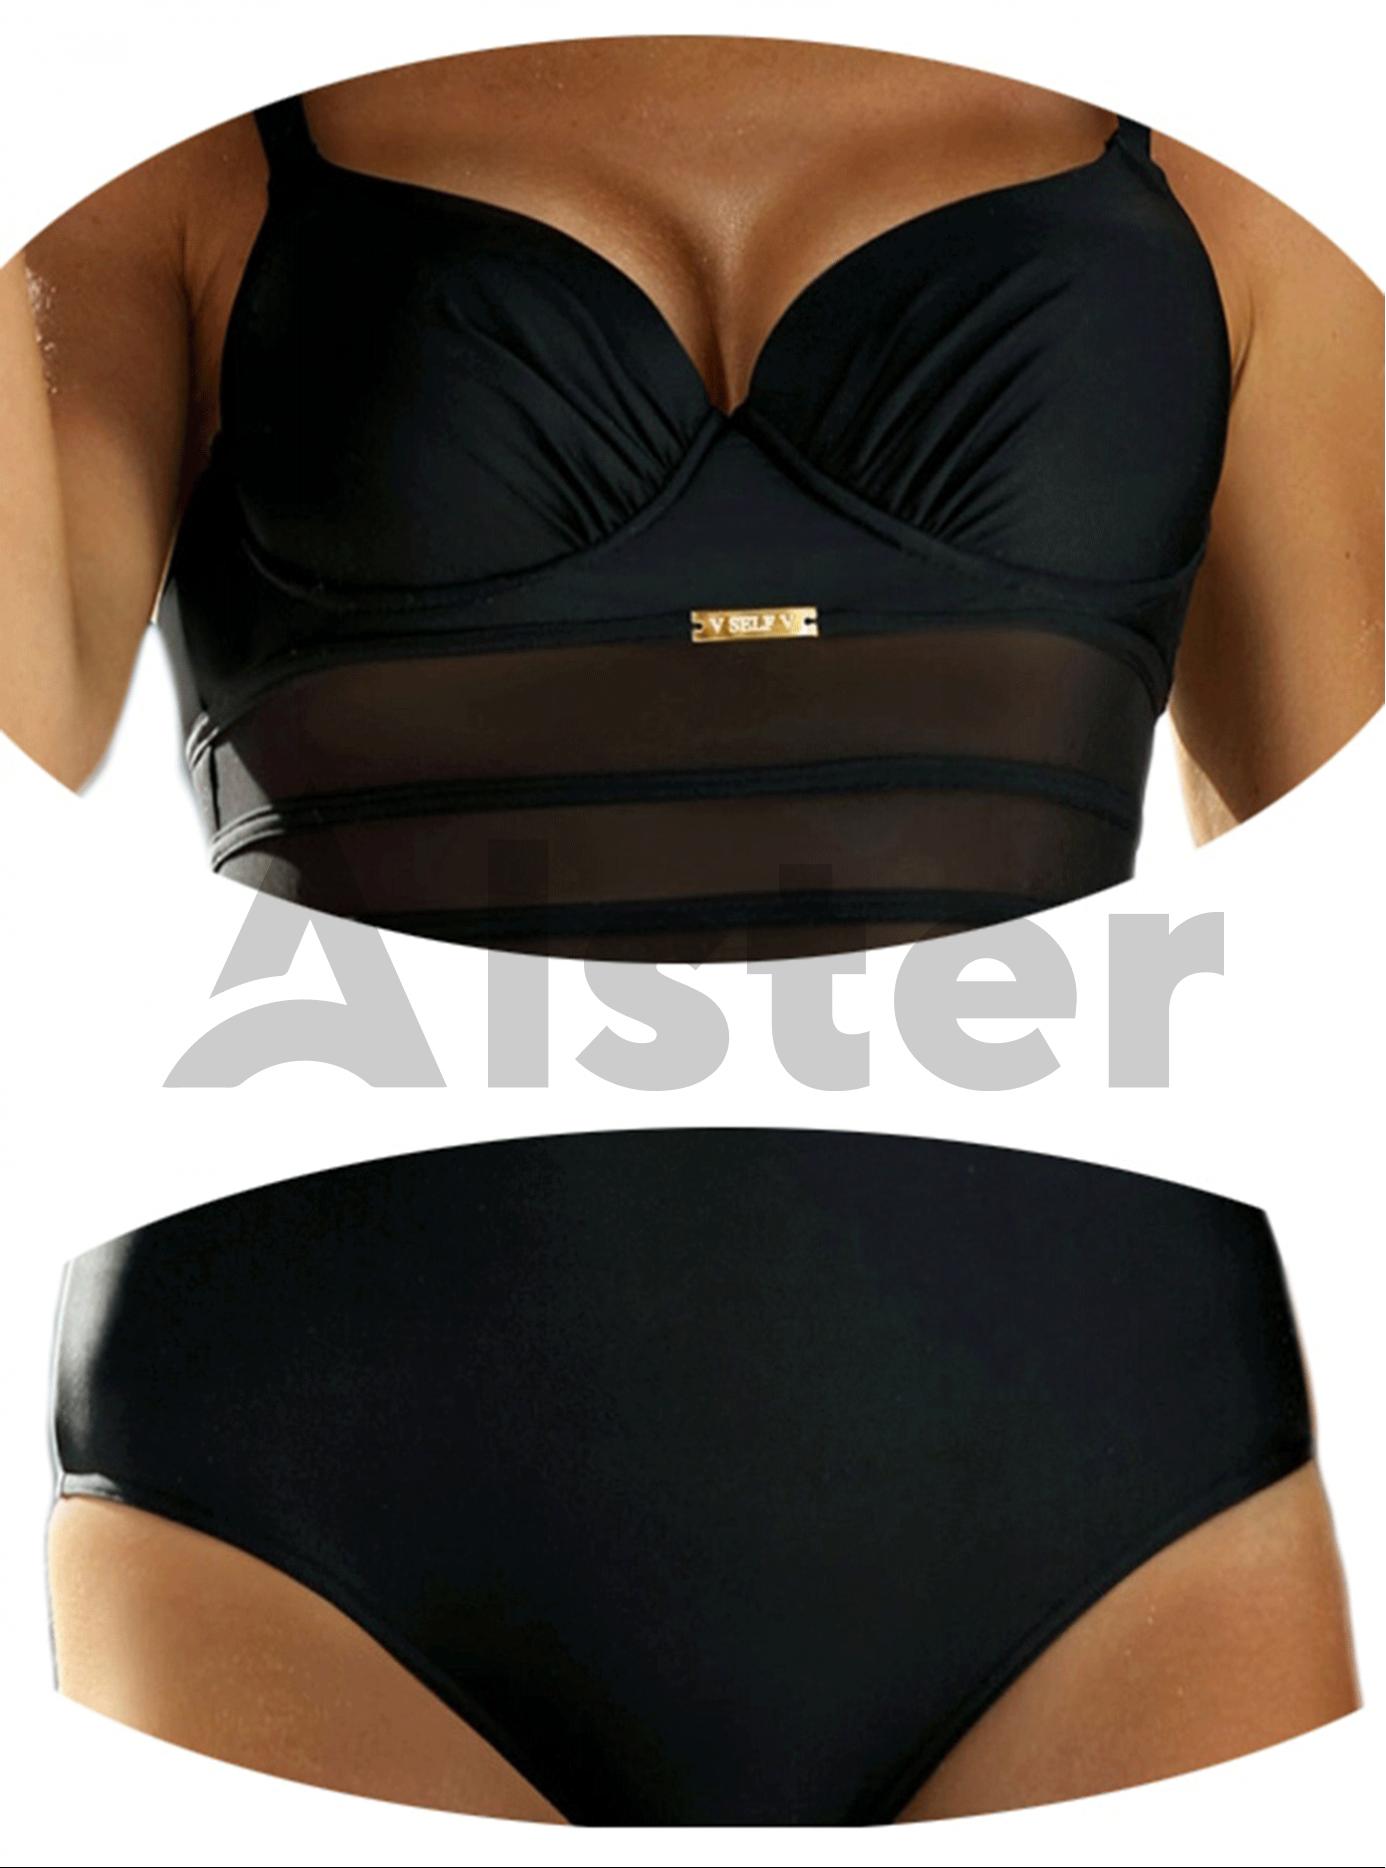 Сдельный купальник с сеточкой Чёрный 38C (01-K190177): фото - Alster.ua